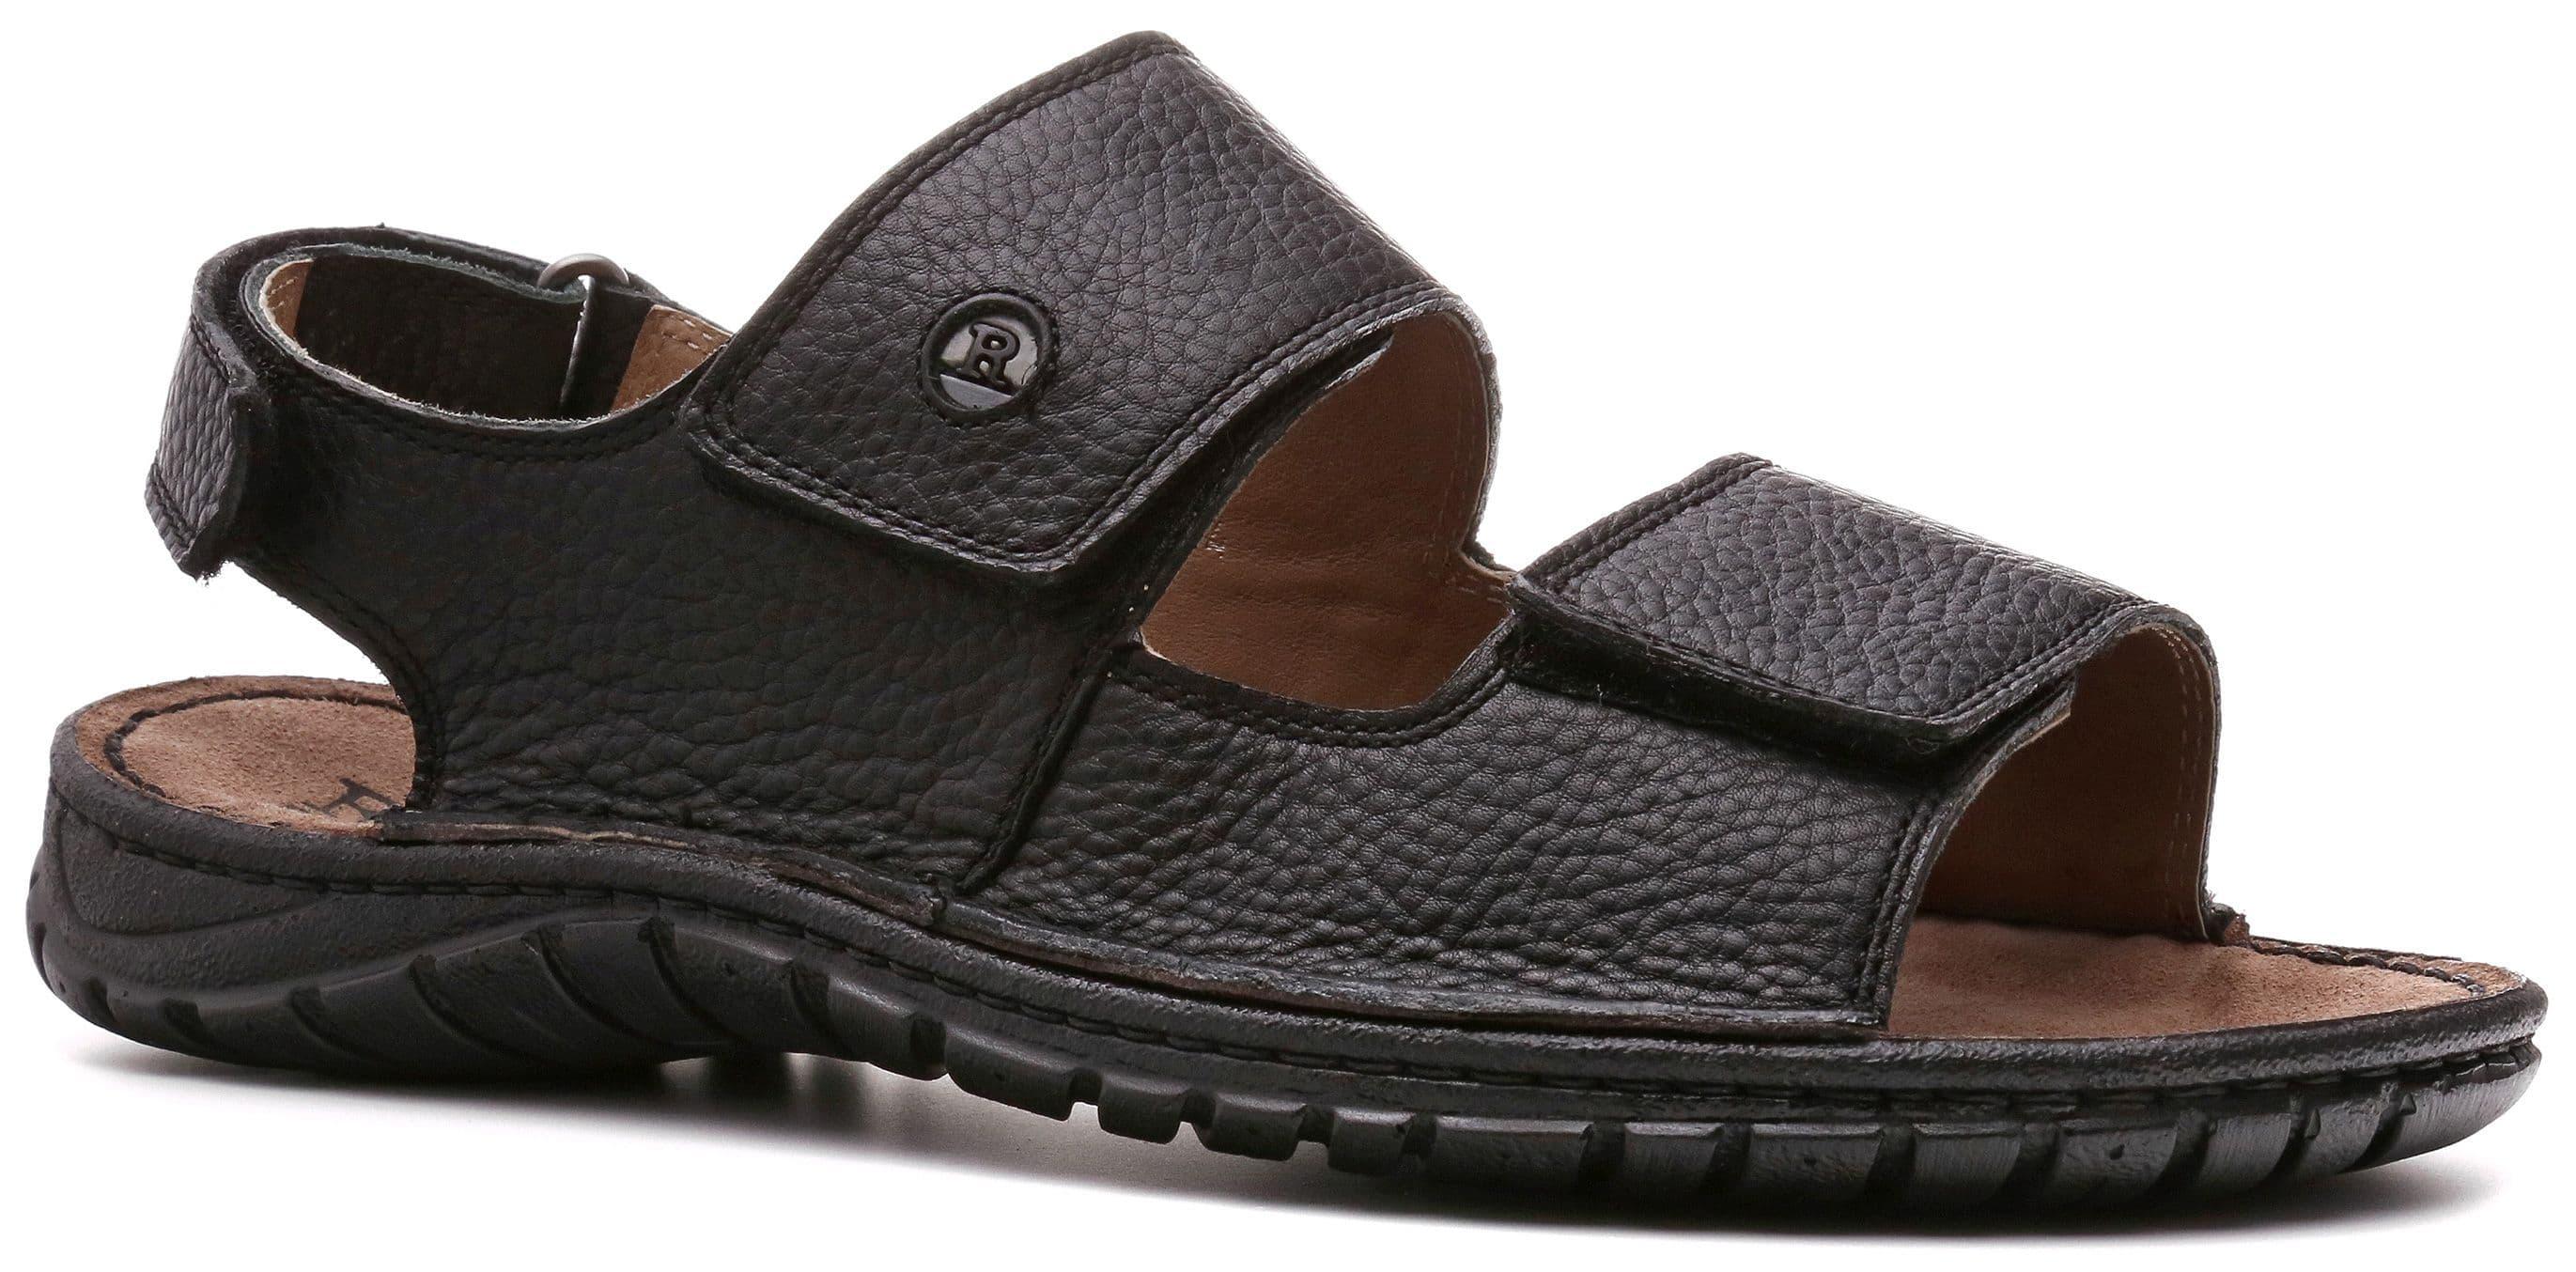 Ralf Ringer Weekend 477007ЧН Весна-Лето 2017Сандалии<br>Черный цвет кожаных сандалий Josef с двумя широкими ремешками на липучках делают их универсальной летней обувью, которая подходит к любому гардеробу в стиле кэжуал. Отличное решение для пляжного отдыха. Это воплощение комфорта принадлежит к линии уикэнд. ...<br><br>Цвет: Черный<br>Размер RU: 44<br>Пол: Мужской<br>Возраст: Взрослый<br>Сезон: Лето<br>Материал верха: Натуральная кожа<br>Материал подкладки: Натуральная кожа<br>Материал подошвы: ПУ